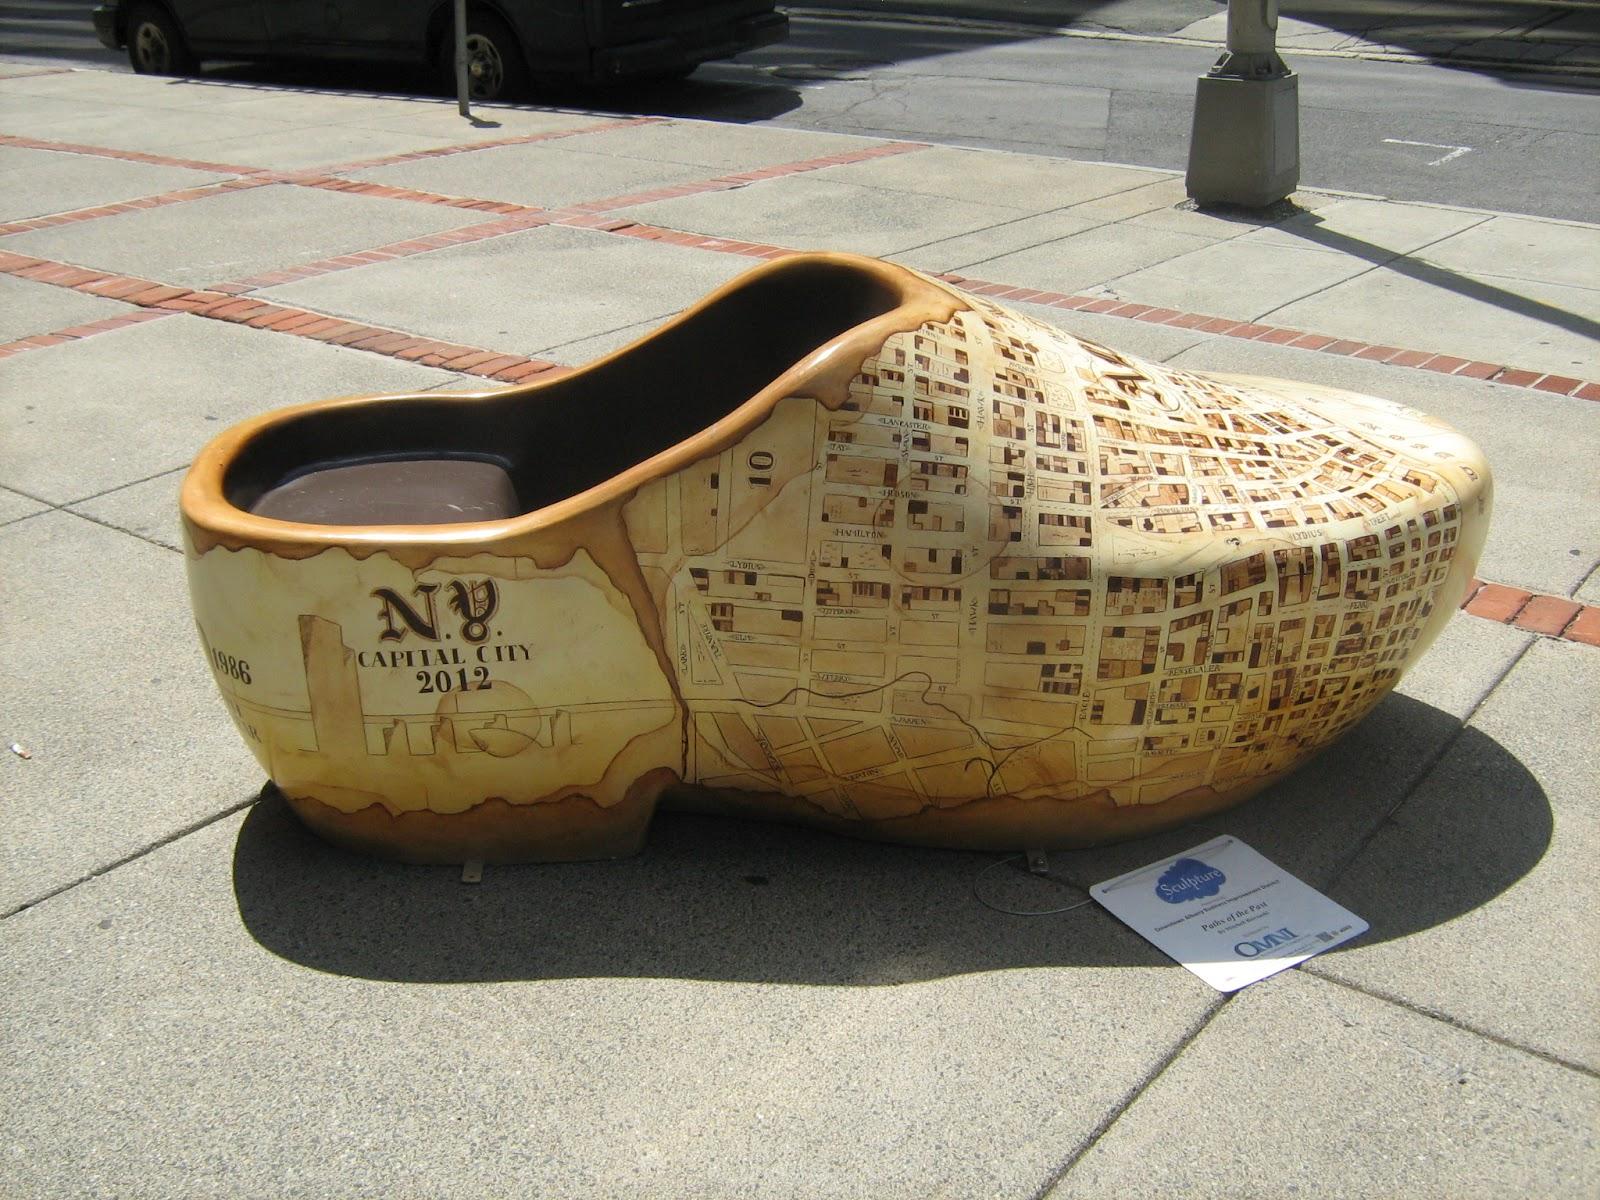 Albany (NY) History Shoes And Maps